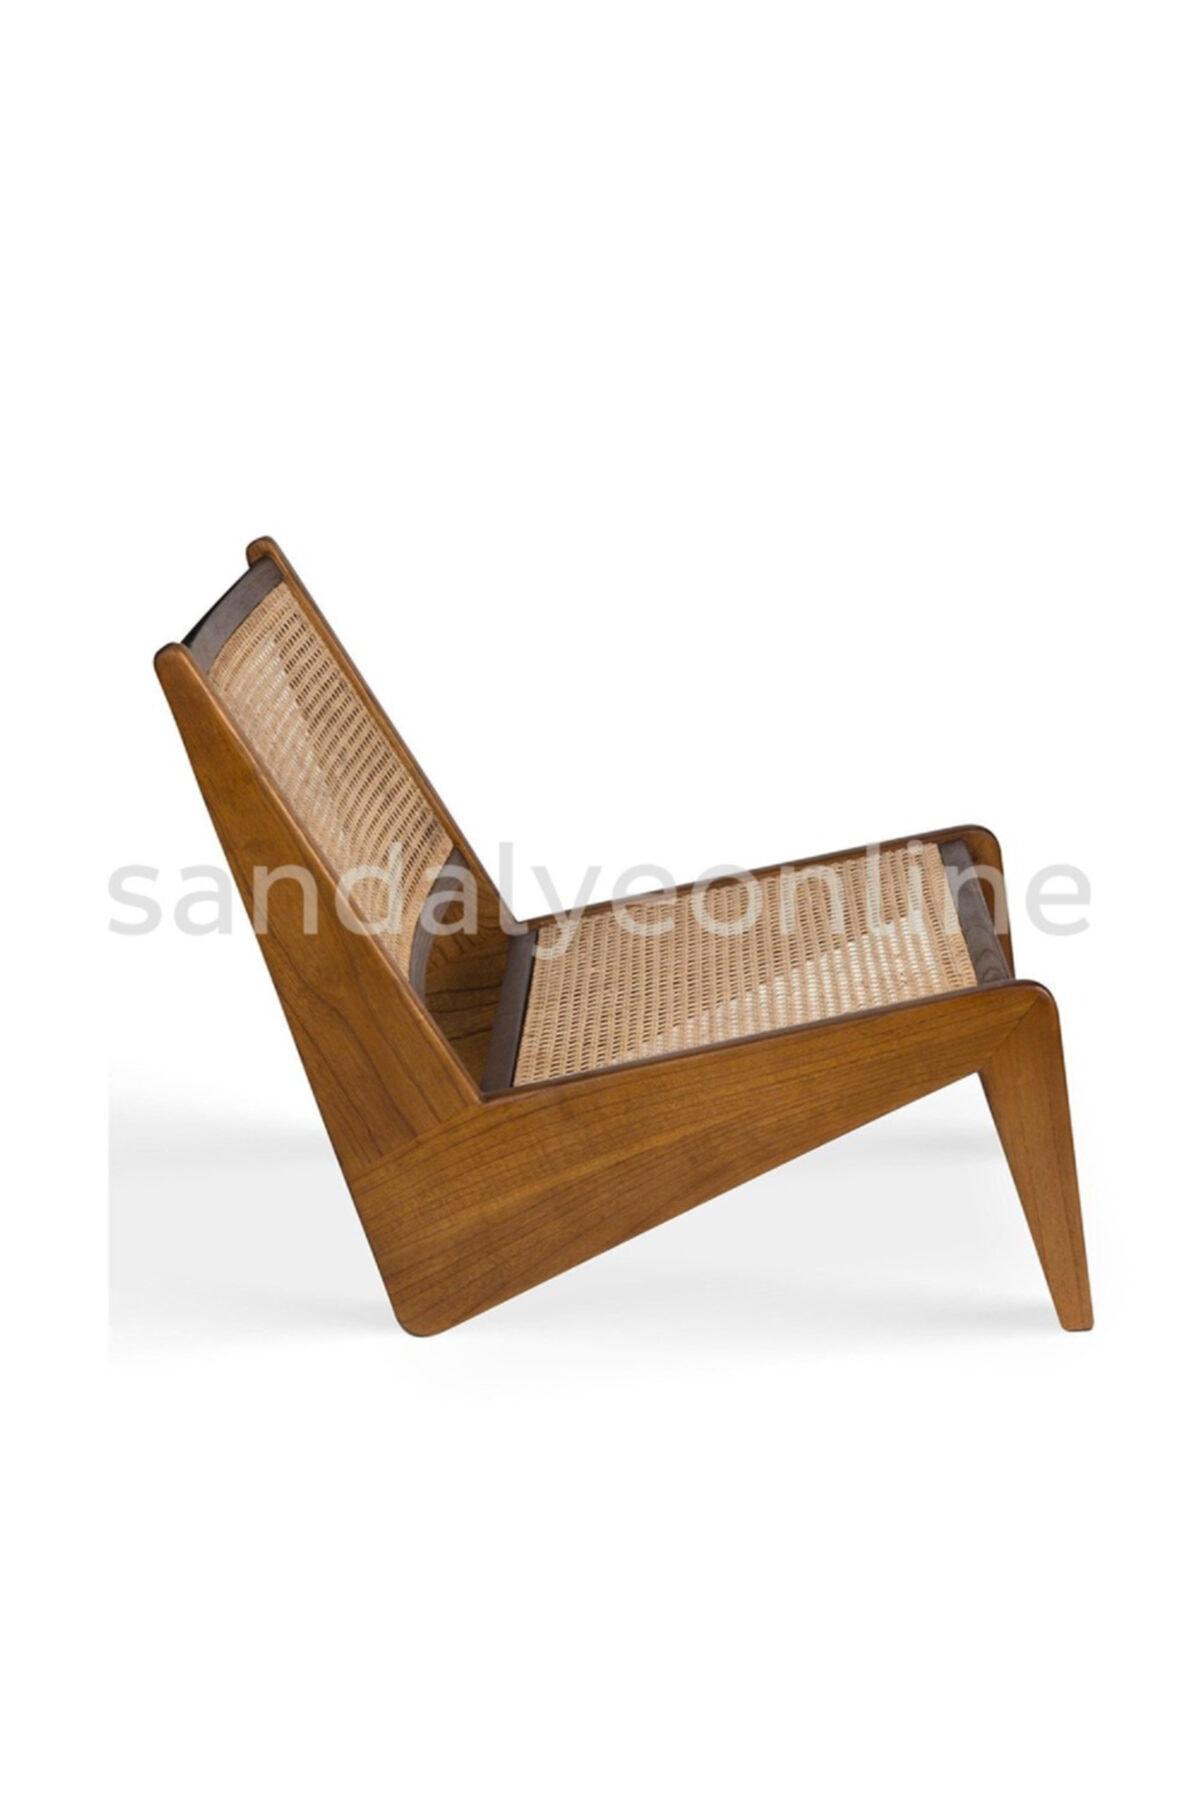 Sandalye Online Kanguru Ahşap Hazeran Tasarım Berjer 2